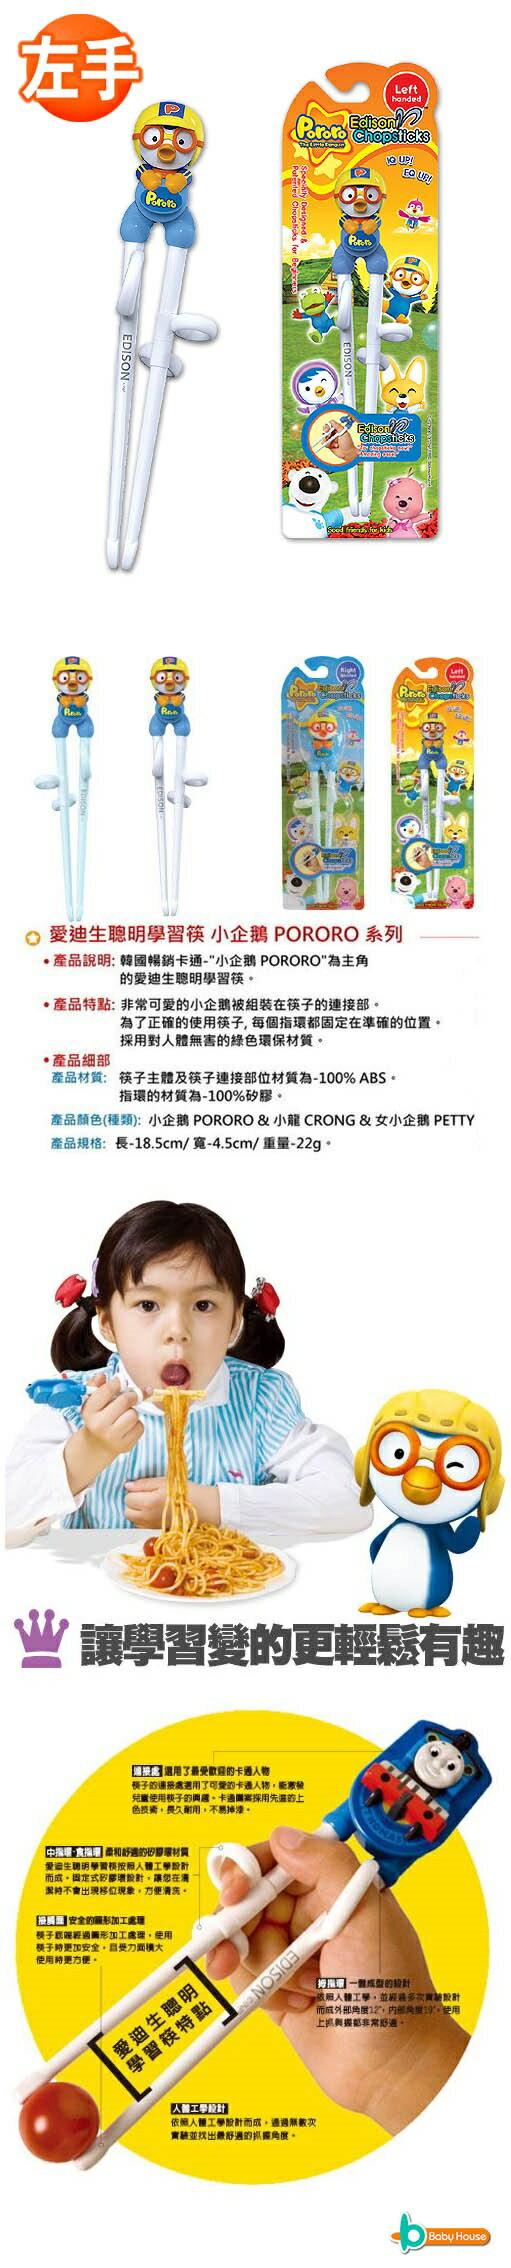 『121婦嬰用品館』baby house 愛迪生聰明學習筷(左手) - prororo 1